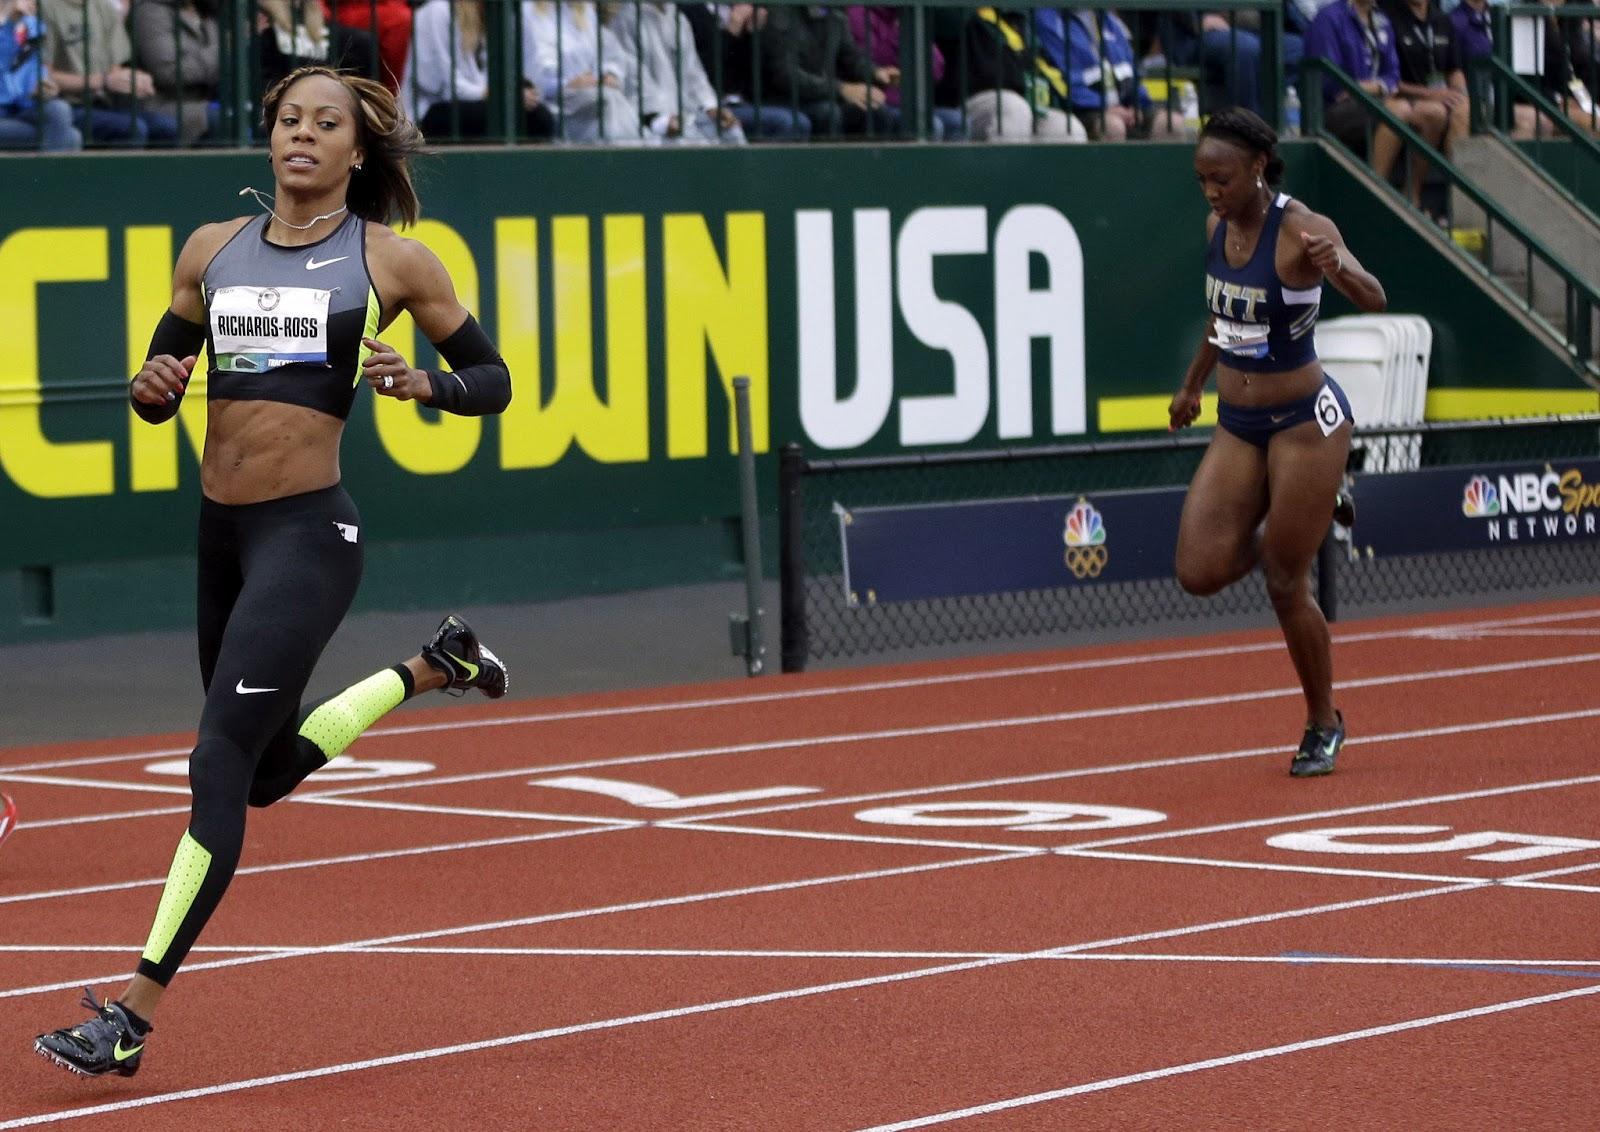 http://3.bp.blogspot.com/-7UYsCIda2YE/T--arXmXWaI/AAAAAAAAAnU/DSbaCgoCus0/s1600/Sanya+Richards+Ross+at+the+Olympic+Trials.jpg